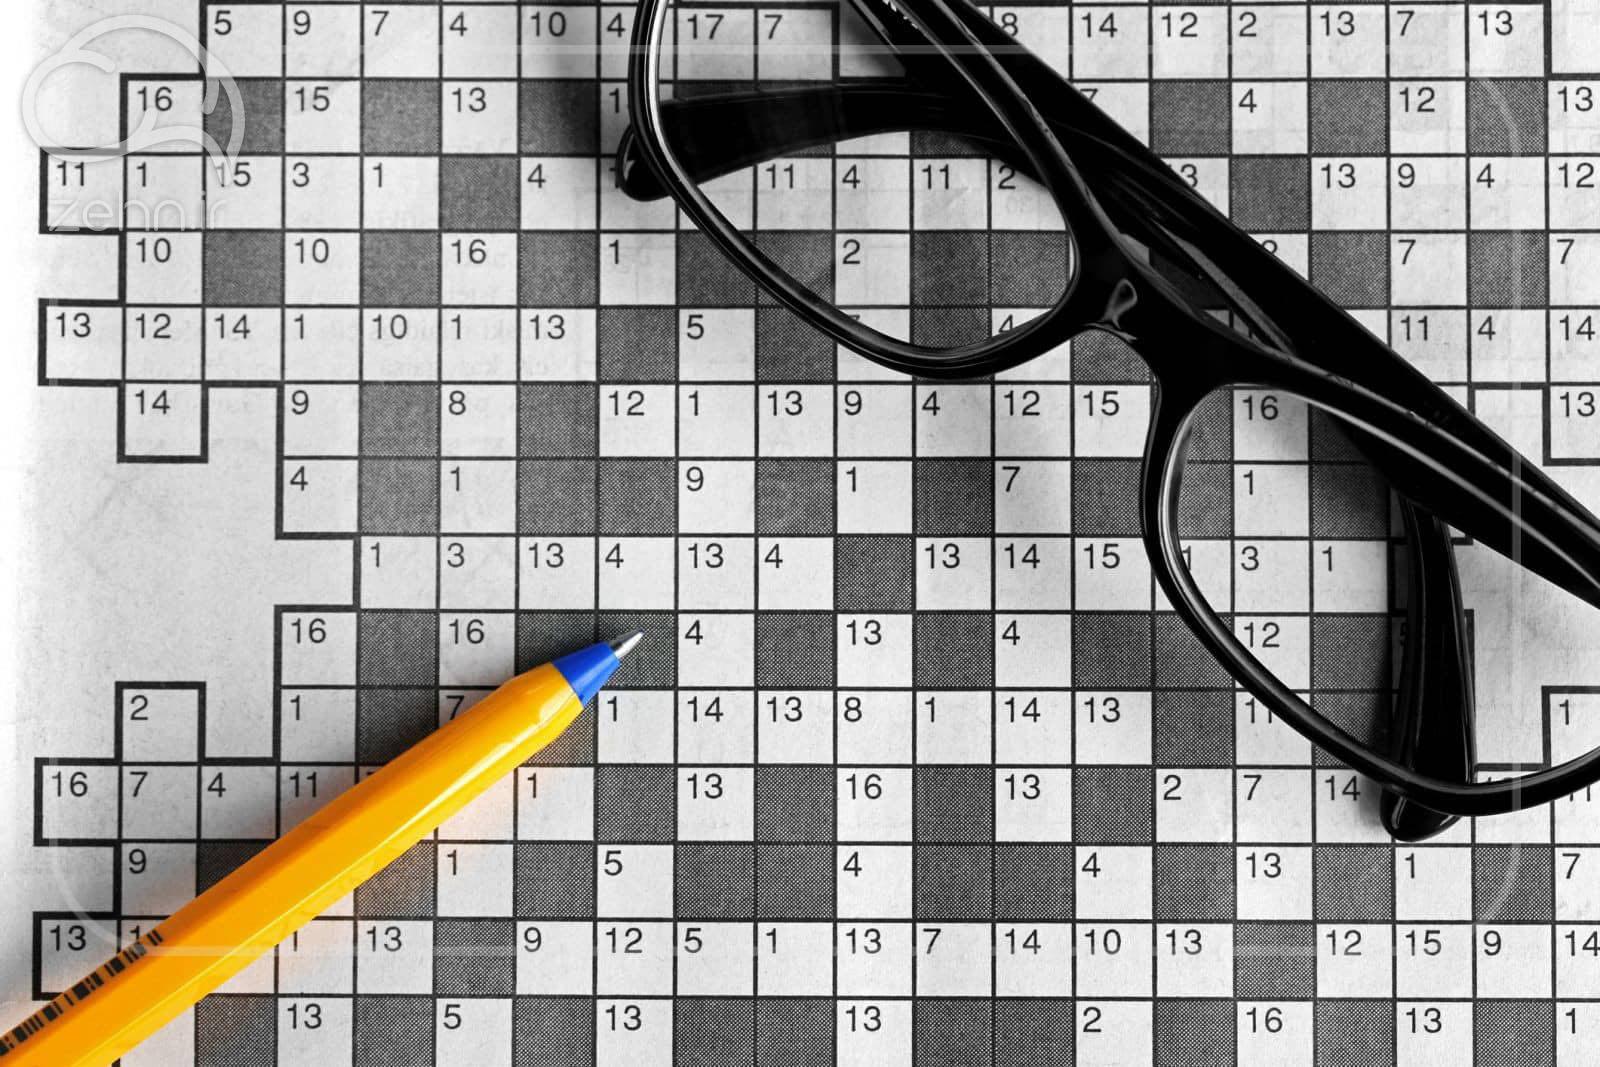 حل کردن جدول یکی از روشهای کشف قدرت ماورائی ذهن است.